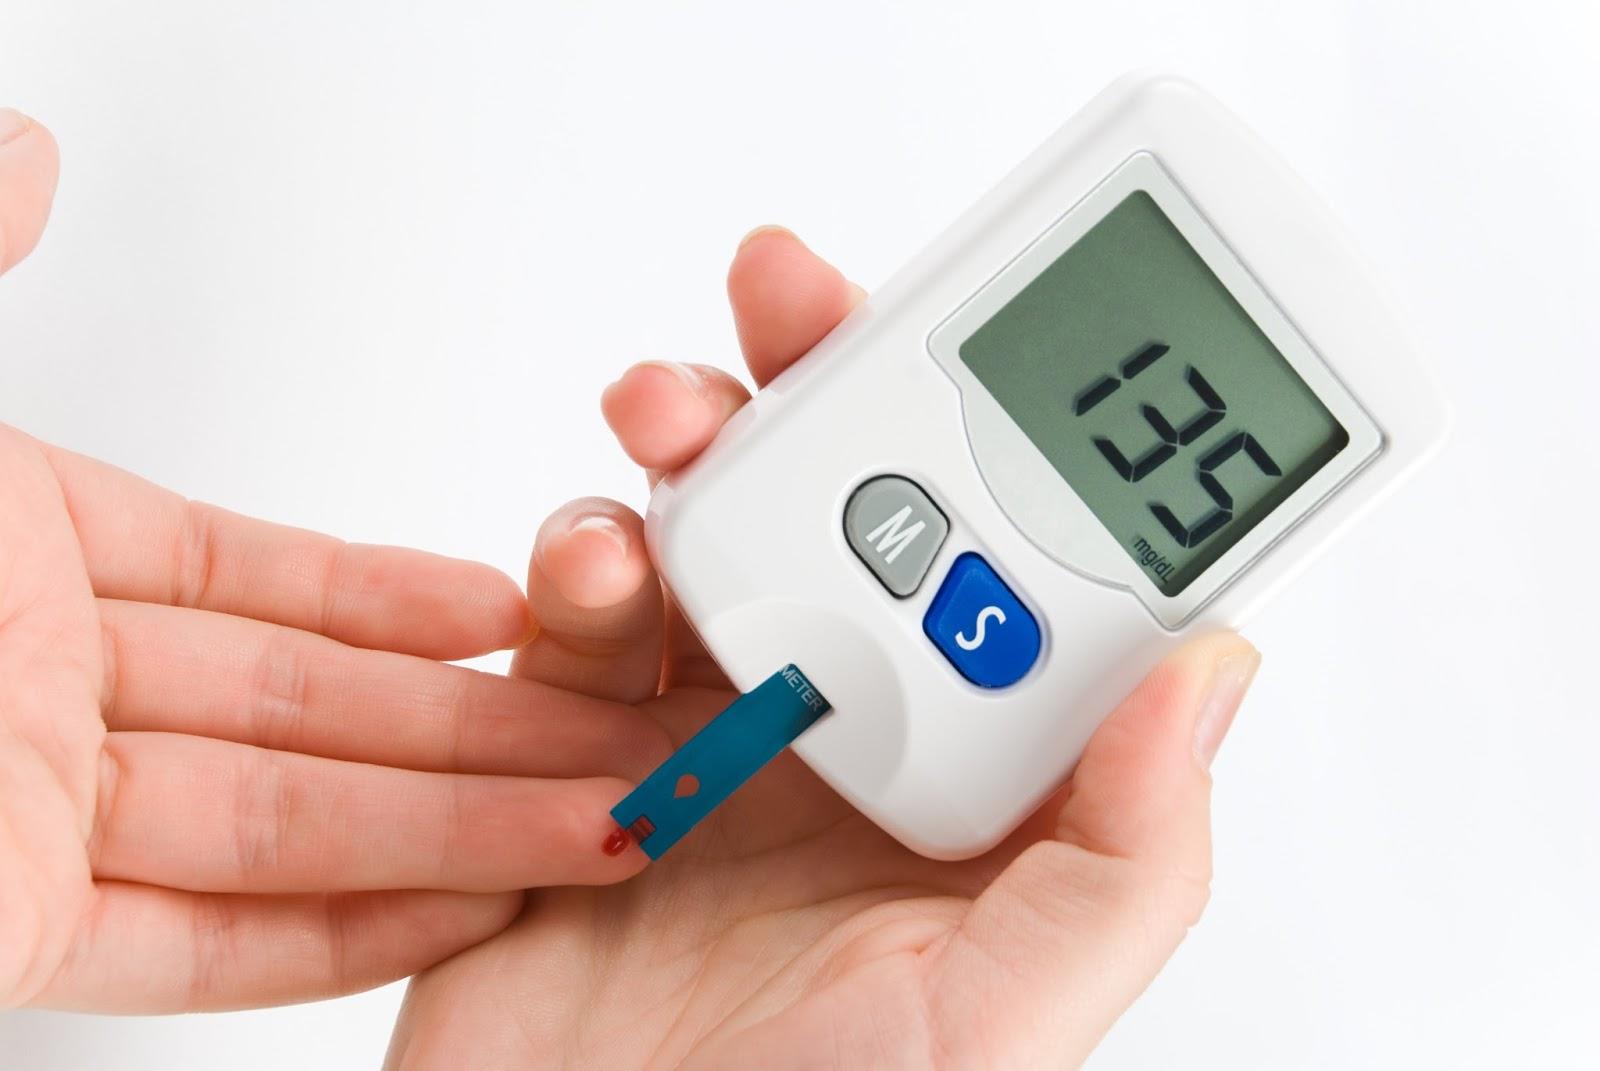 Nguyên nhân gây chứng thận yếu có thể do bệnh tiểu đường